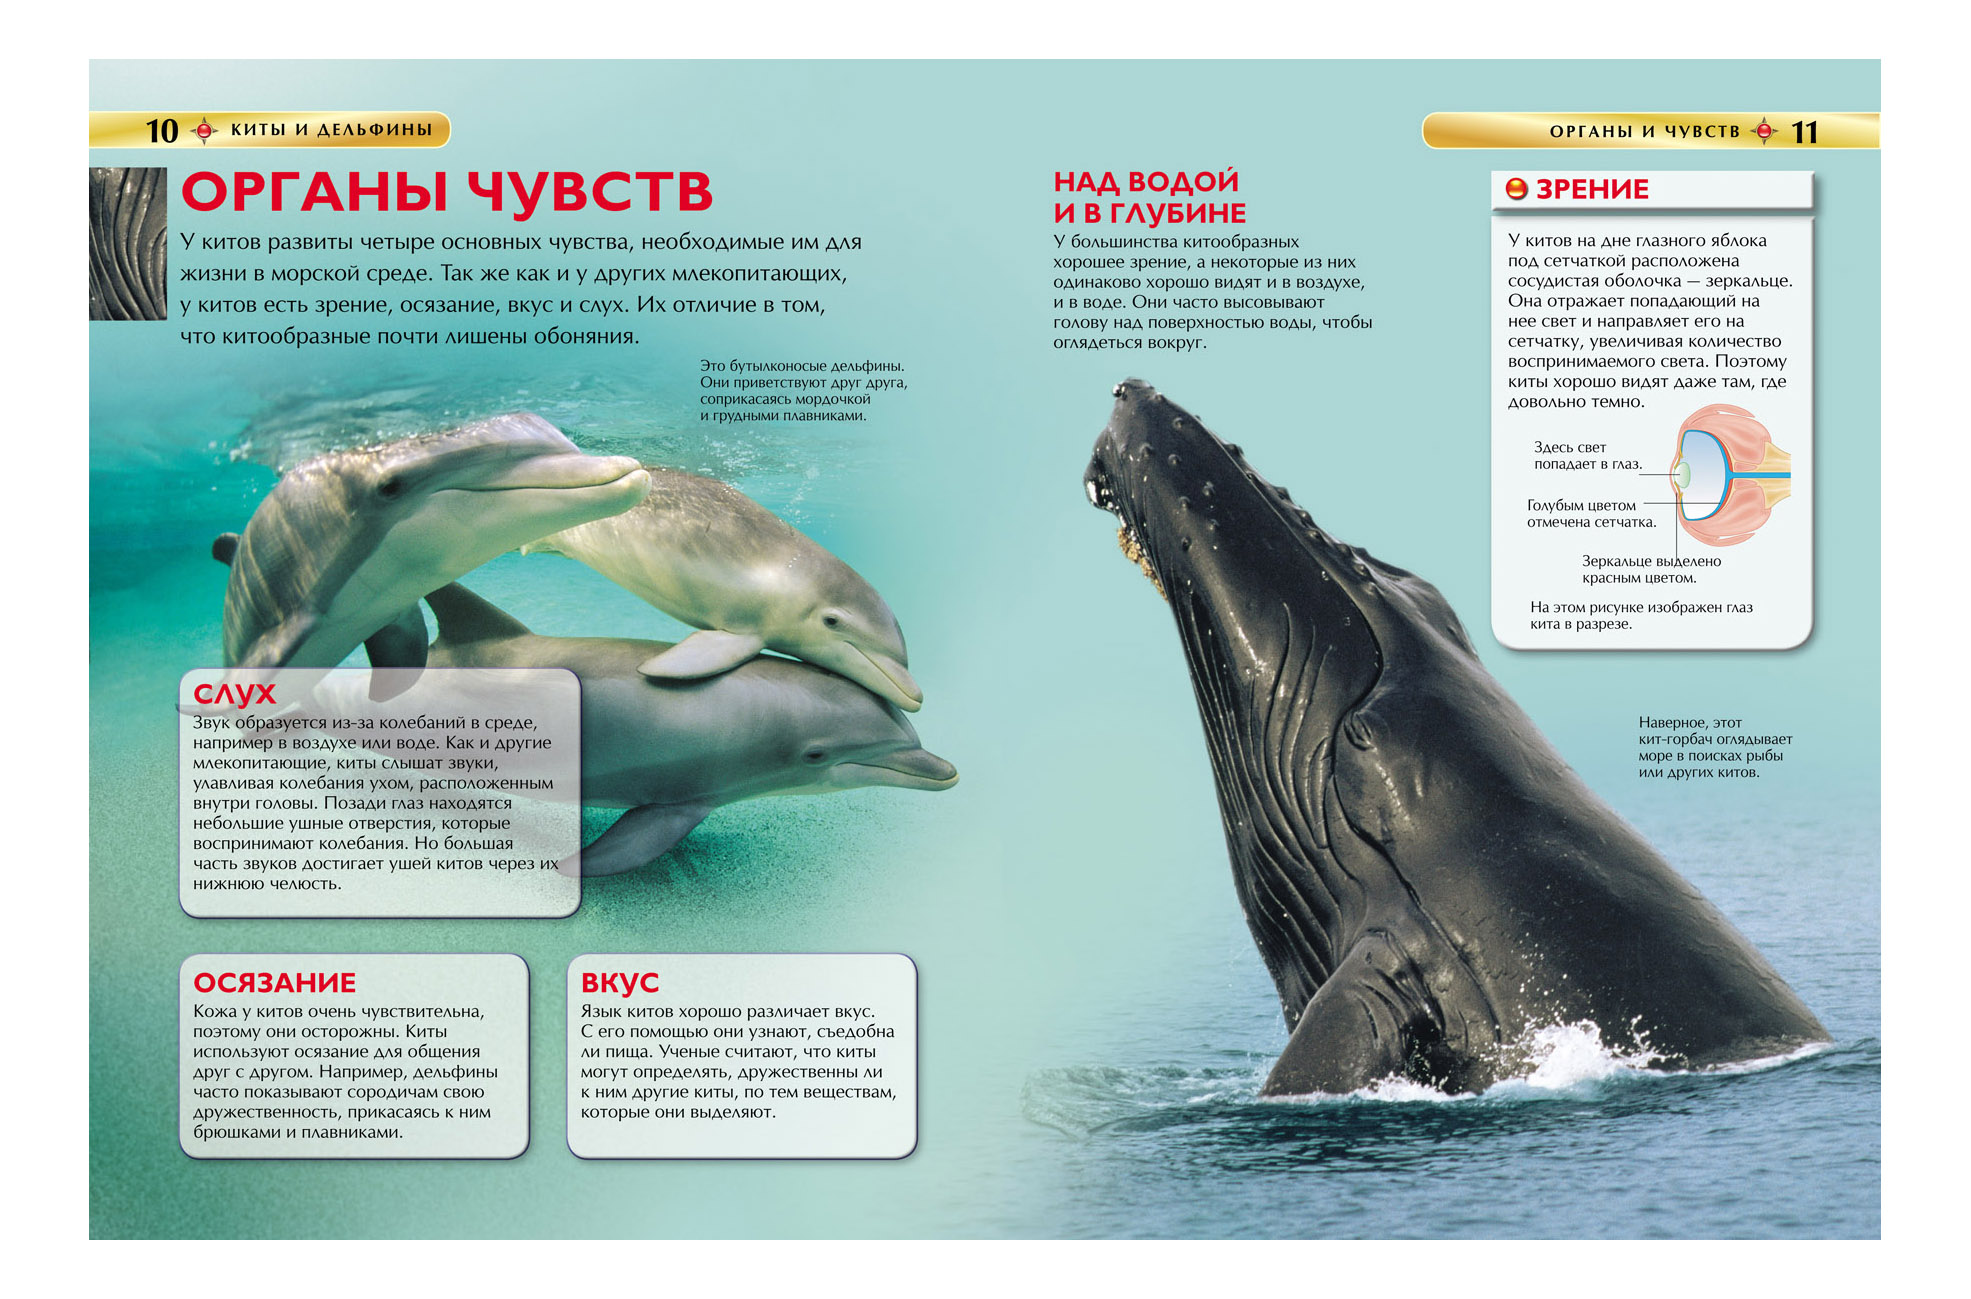 дельфин картинка в книжке просим